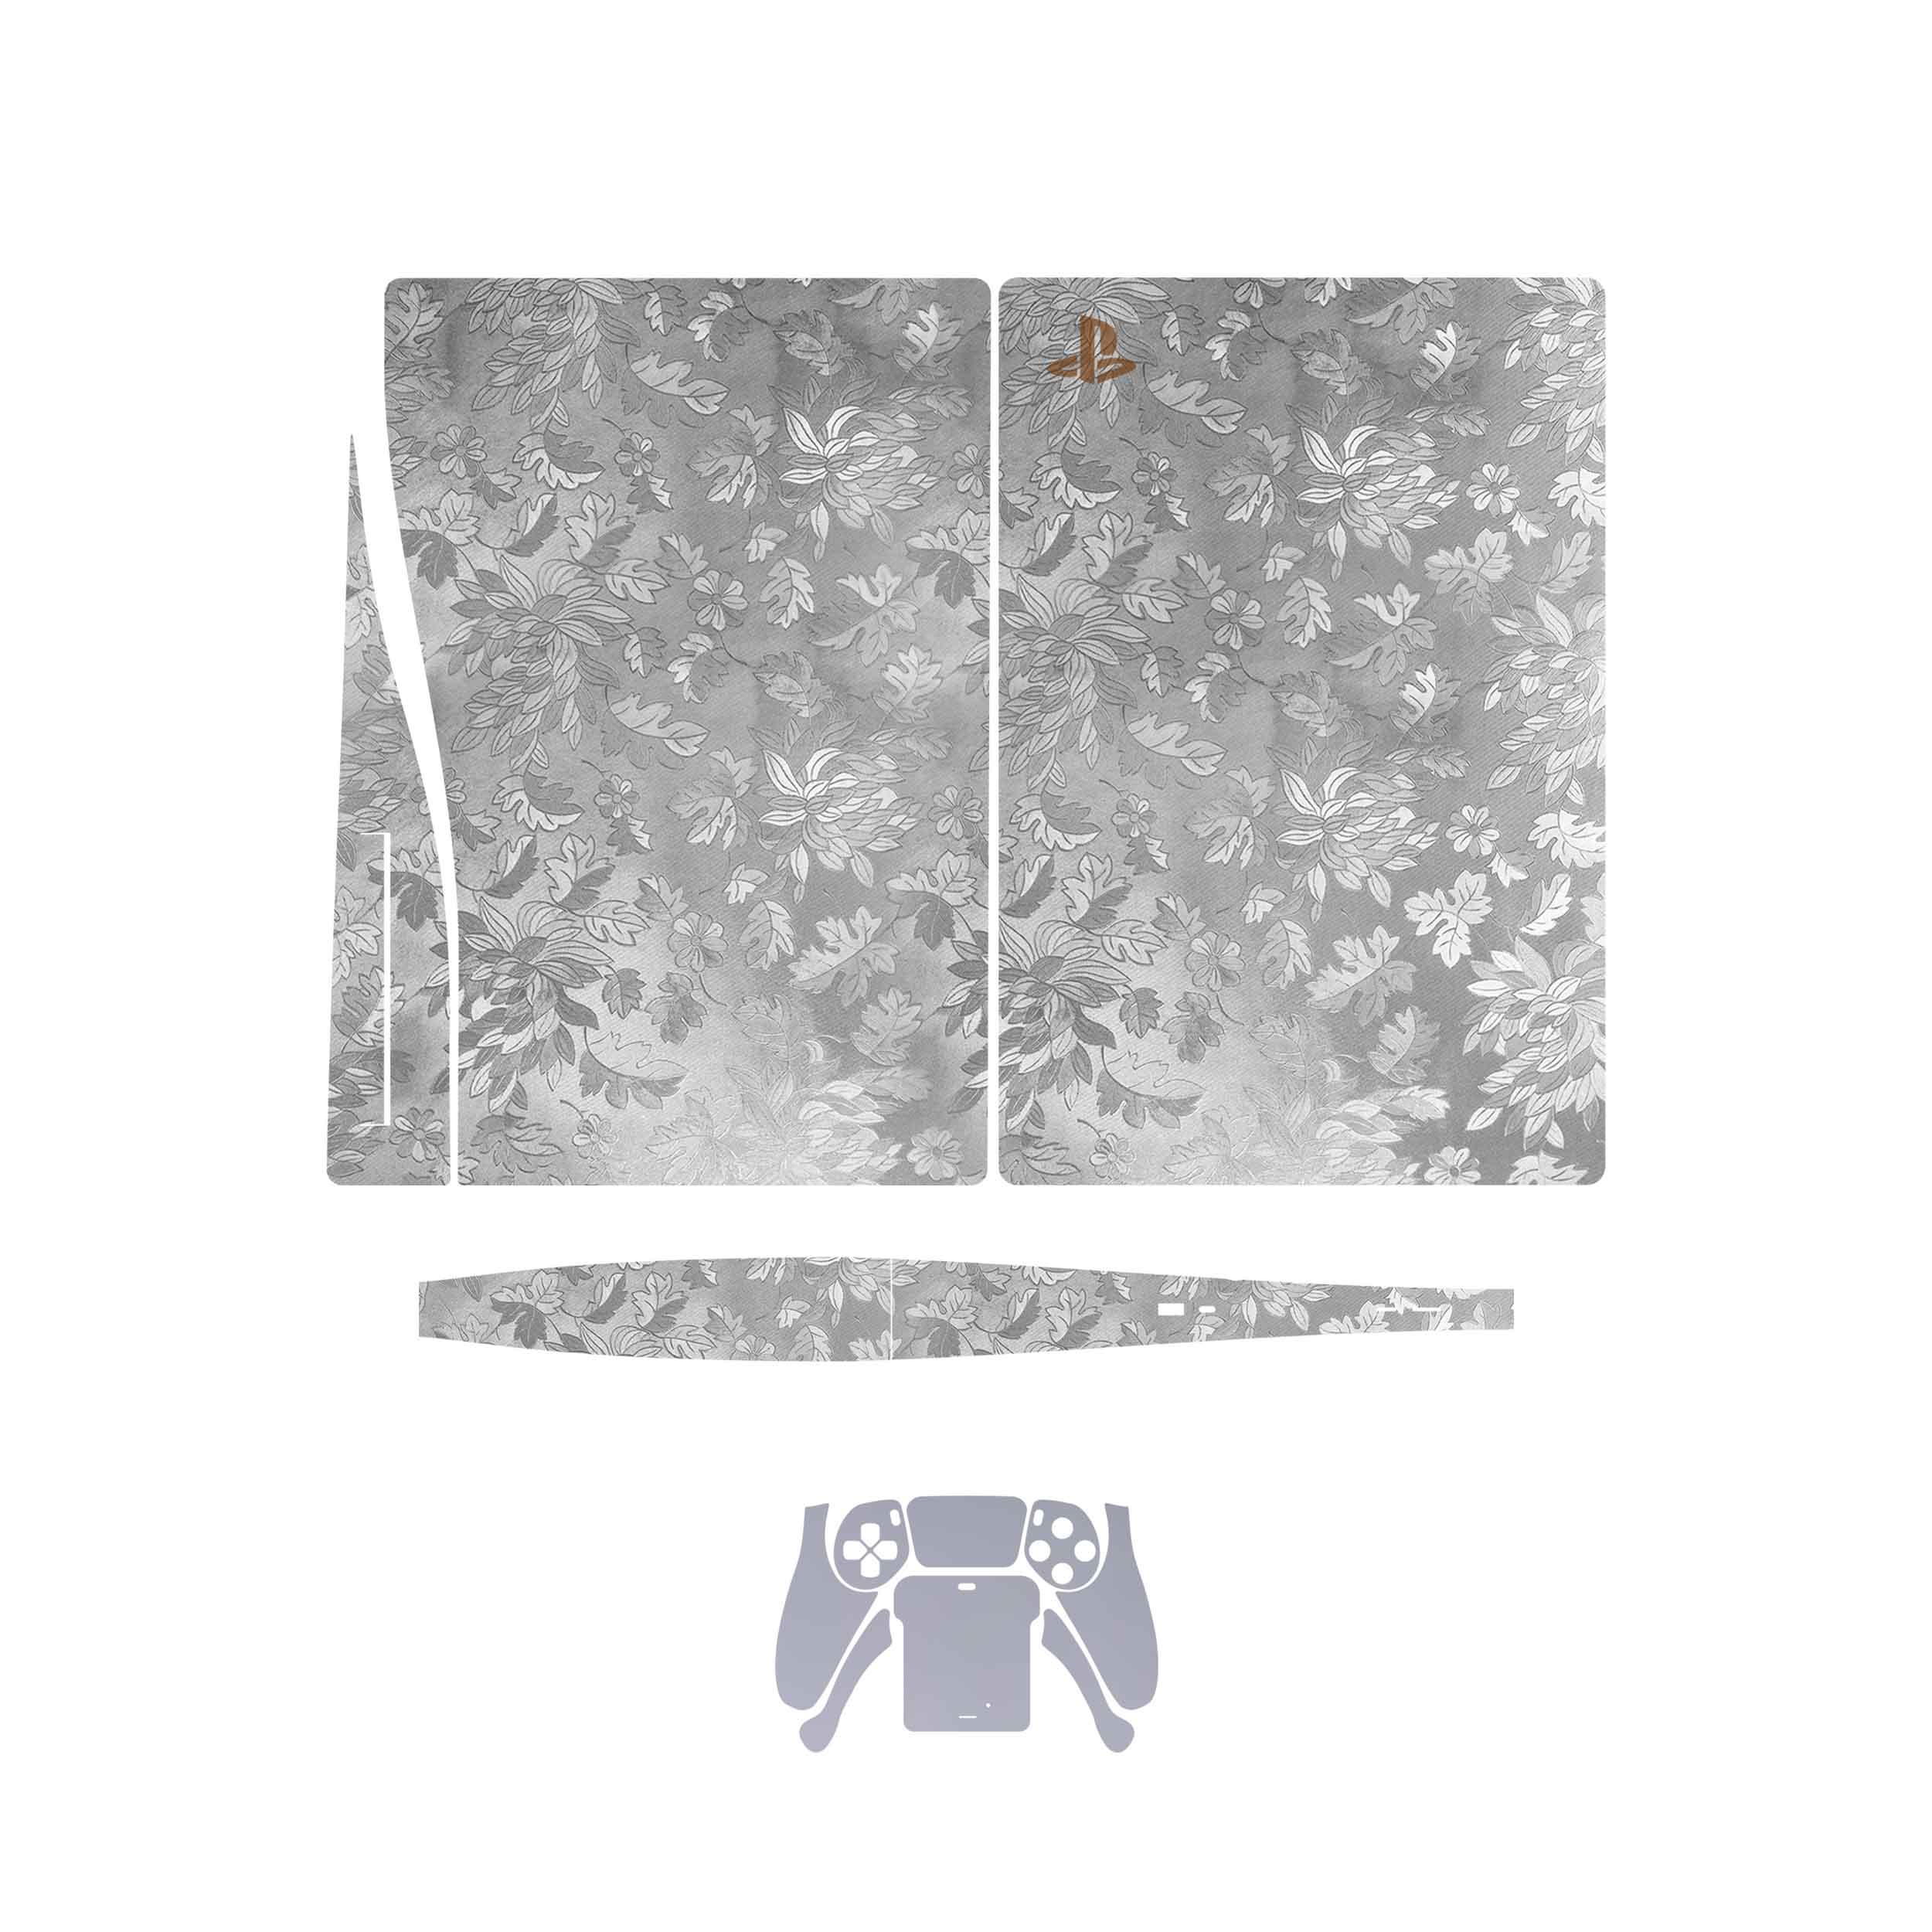 بررسی و {خرید با تخفیف}                                     برچسب کنسول و دسته بازی PS5 ماهوت مدل  Silver_Wildflower_Matte_Silver                             اصل